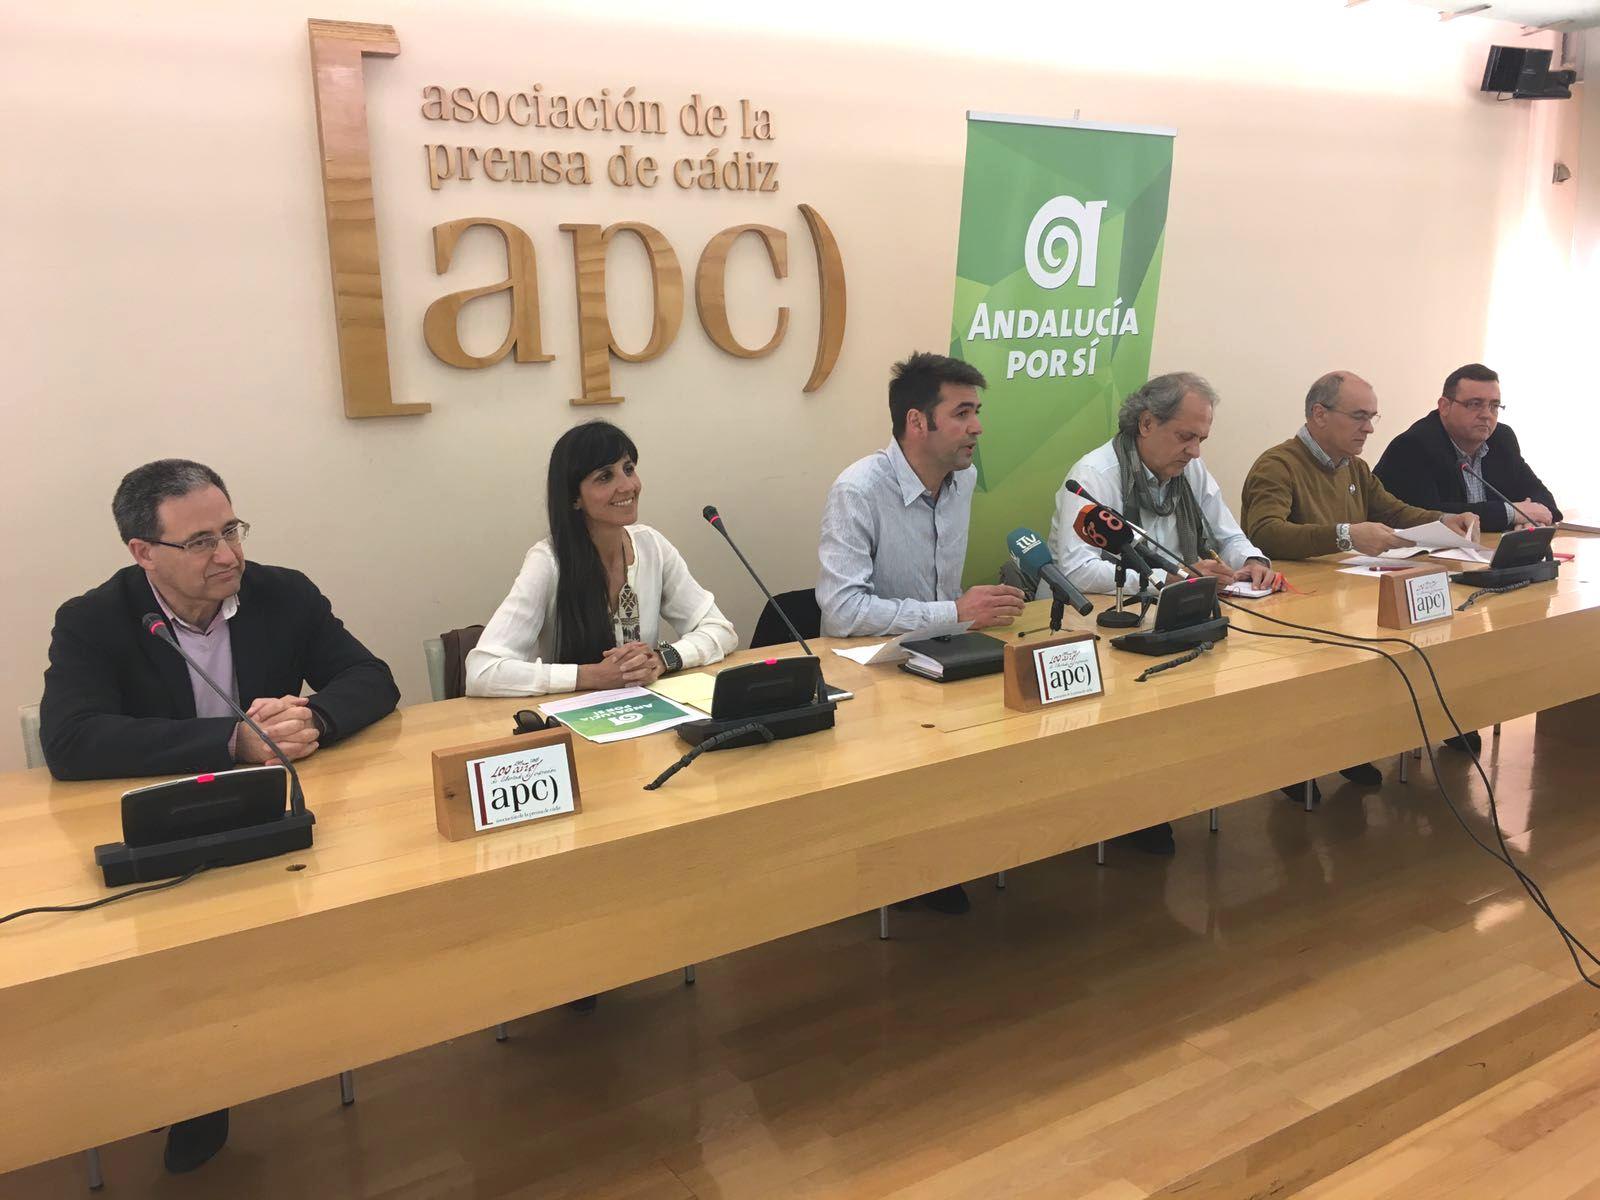 Andalucía Por Sí propone el reconocimiento y la puesta en valor del centenario de la Asamblea de Ronda